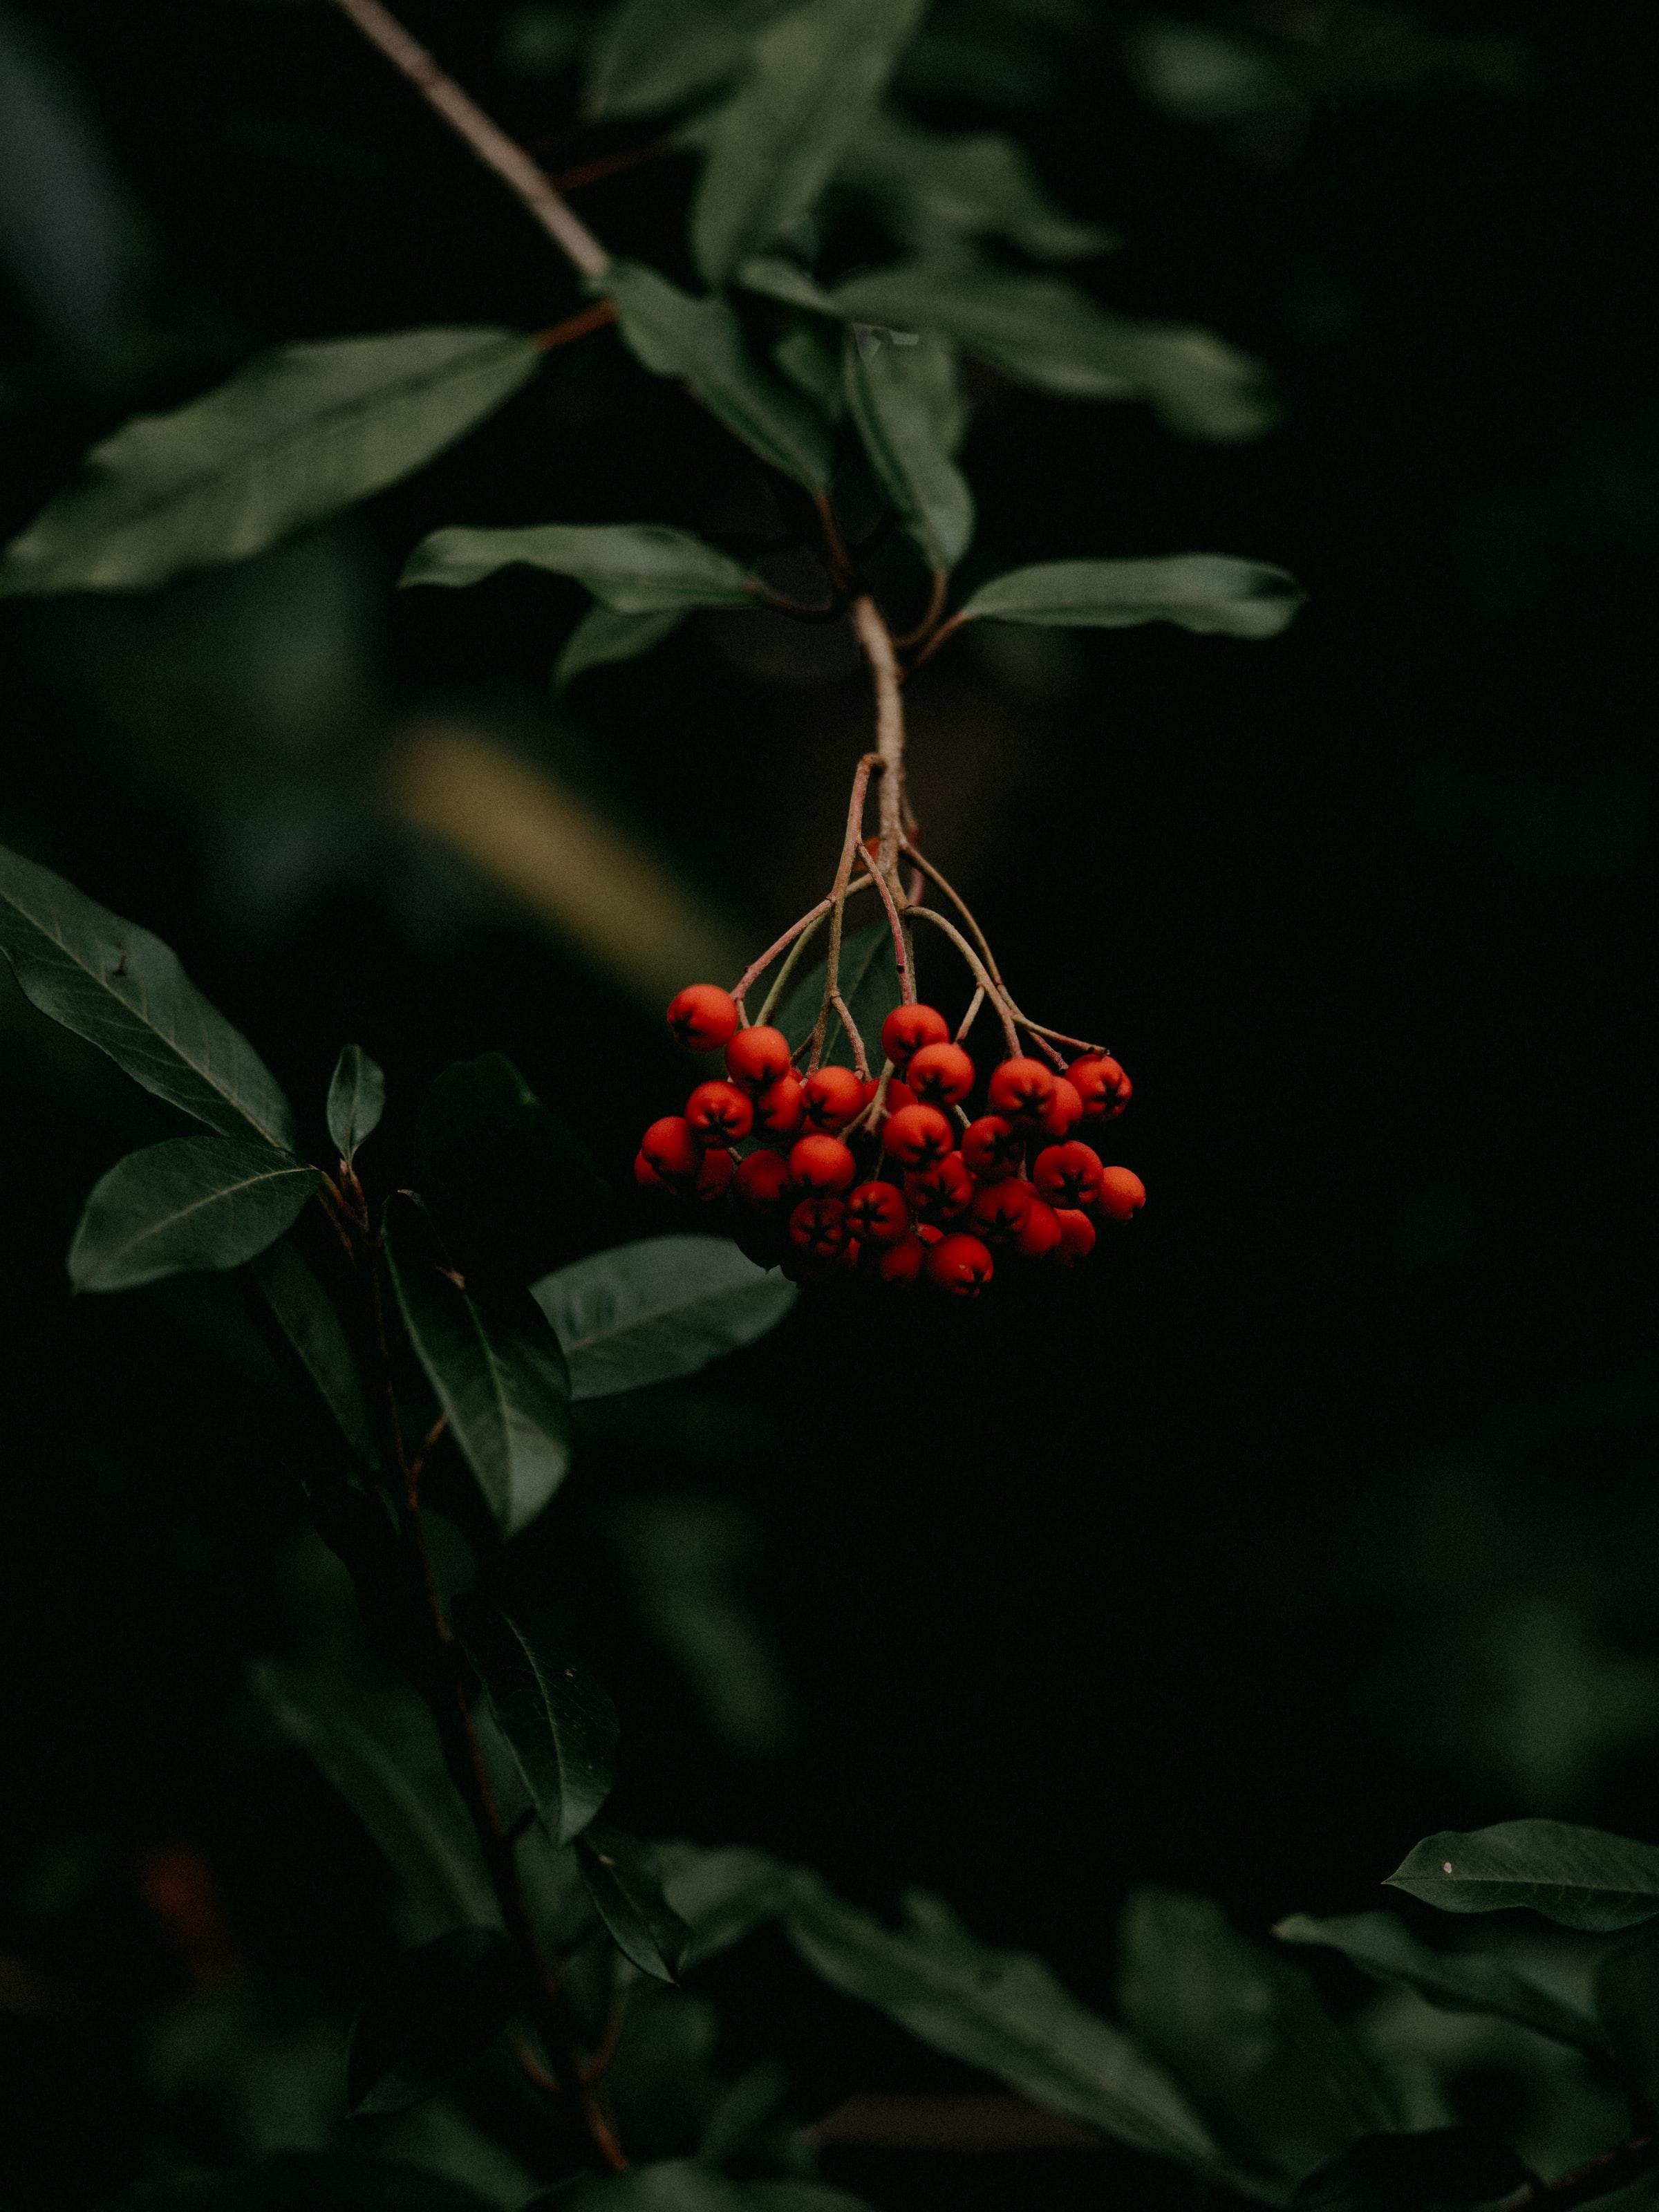 122976 скачать обои Макро, Рябина, Гроздь, Красный, Растение, Ягоды - заставки и картинки бесплатно